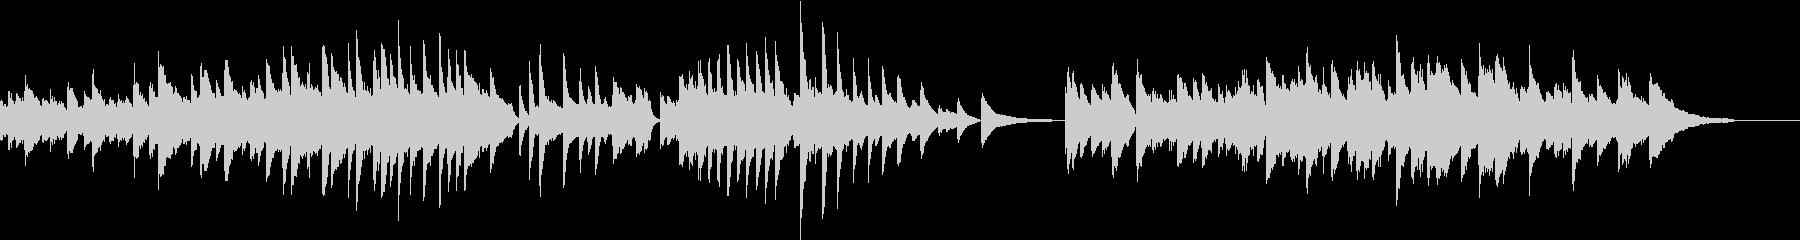 ワクワクさせるピアノ曲の未再生の波形